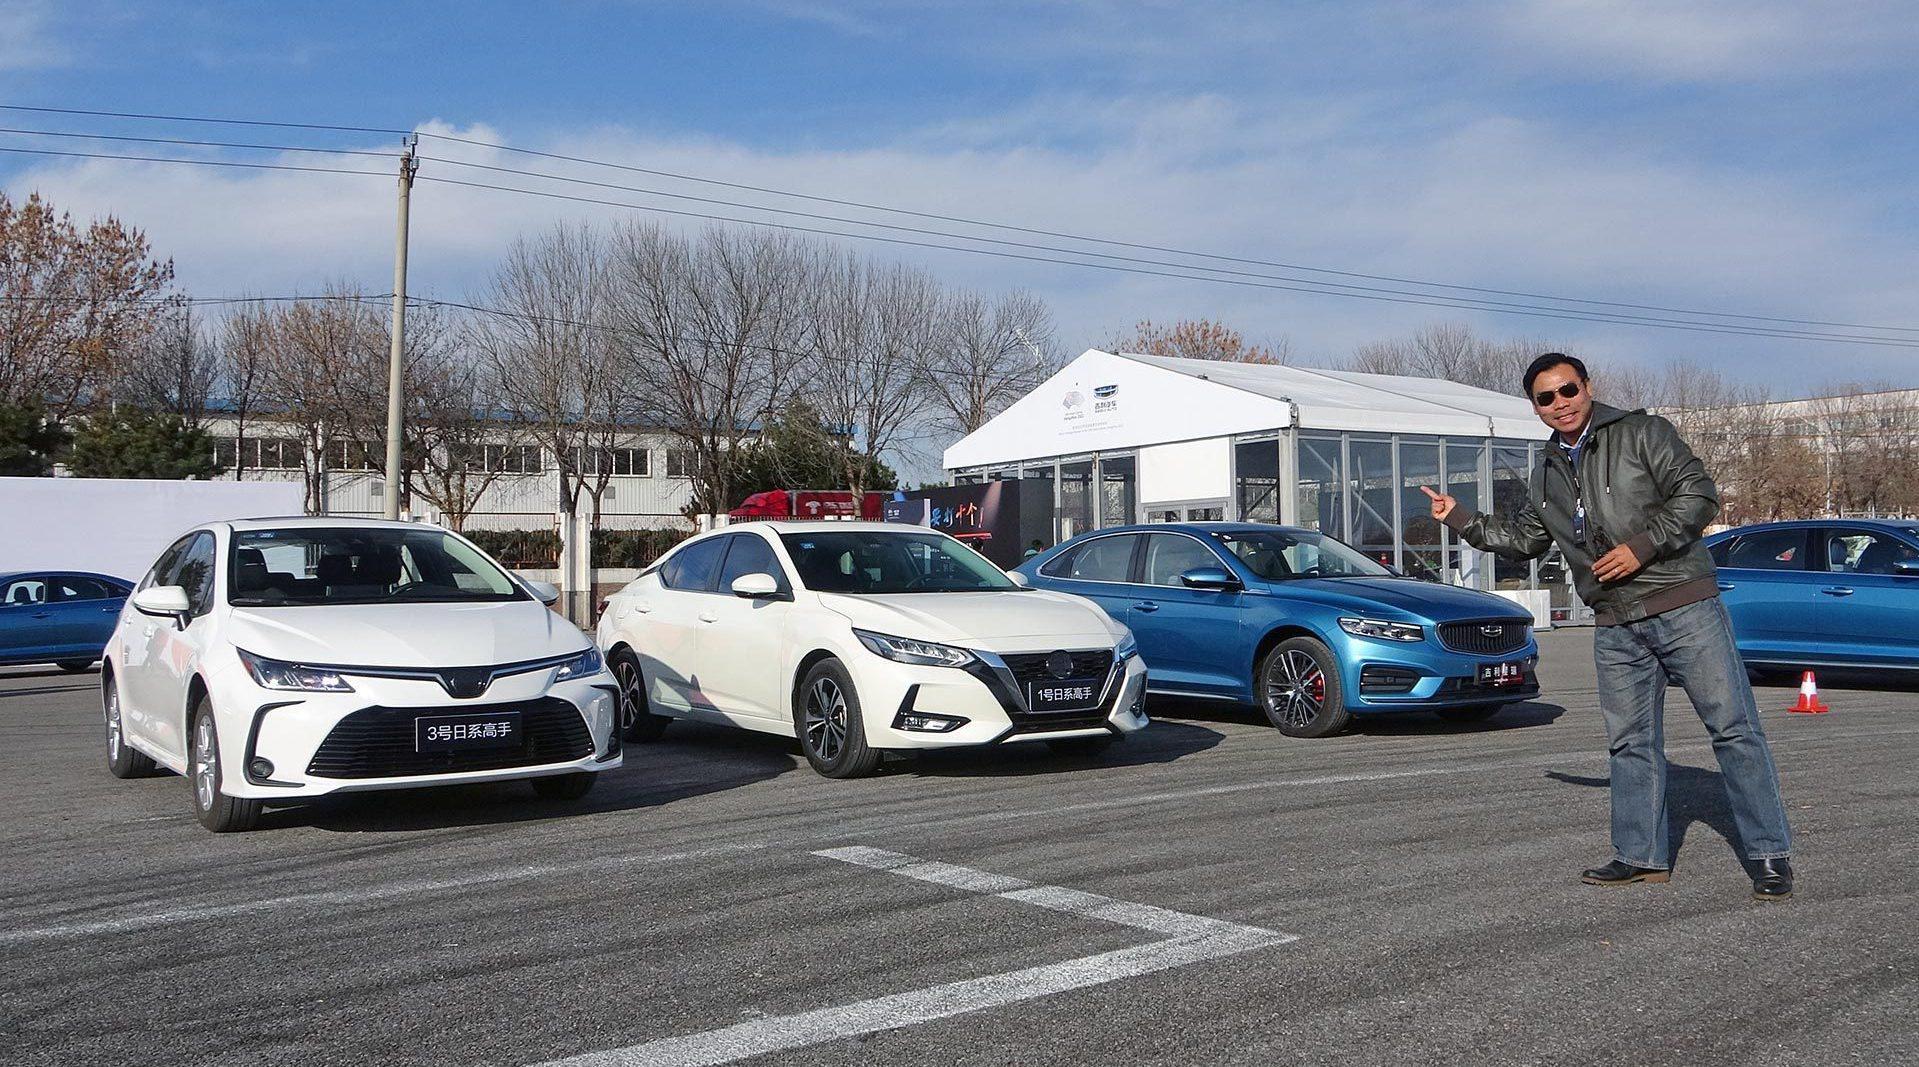 视频:挑战合资紧凑型车的主力,星瑞/卡罗拉/轩逸/思域场地项目对比